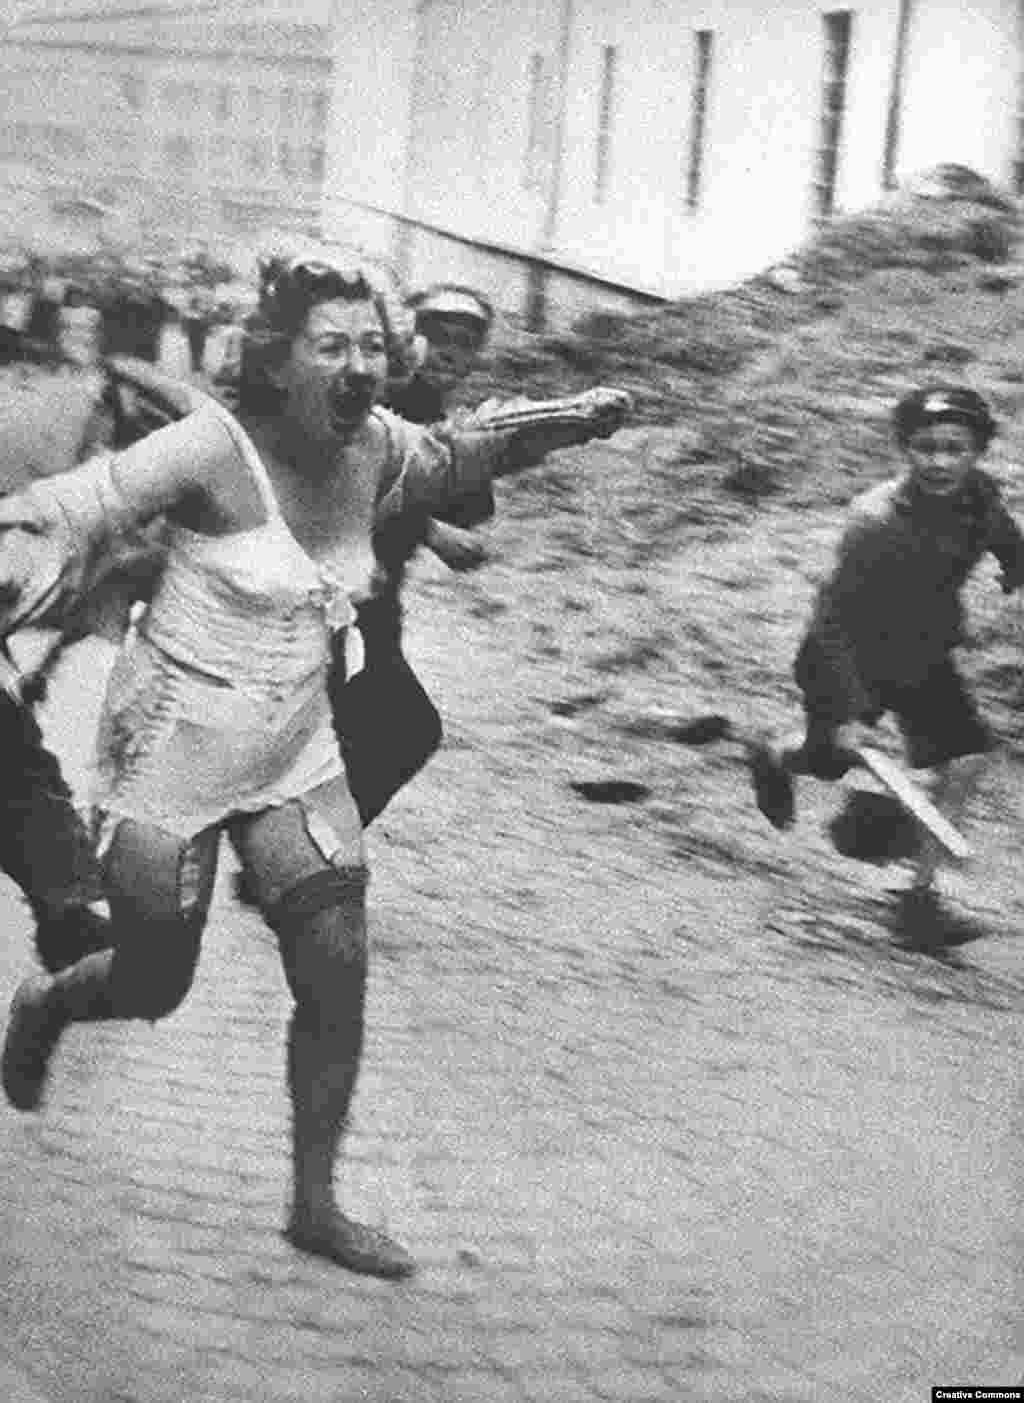 При активной поддержке нацистов против украинских евреев начался террор. Эта женщина бежит от толпы во Львове. Тысячи евреев были убиты во время погромов в Центральной и Восточной Европе.